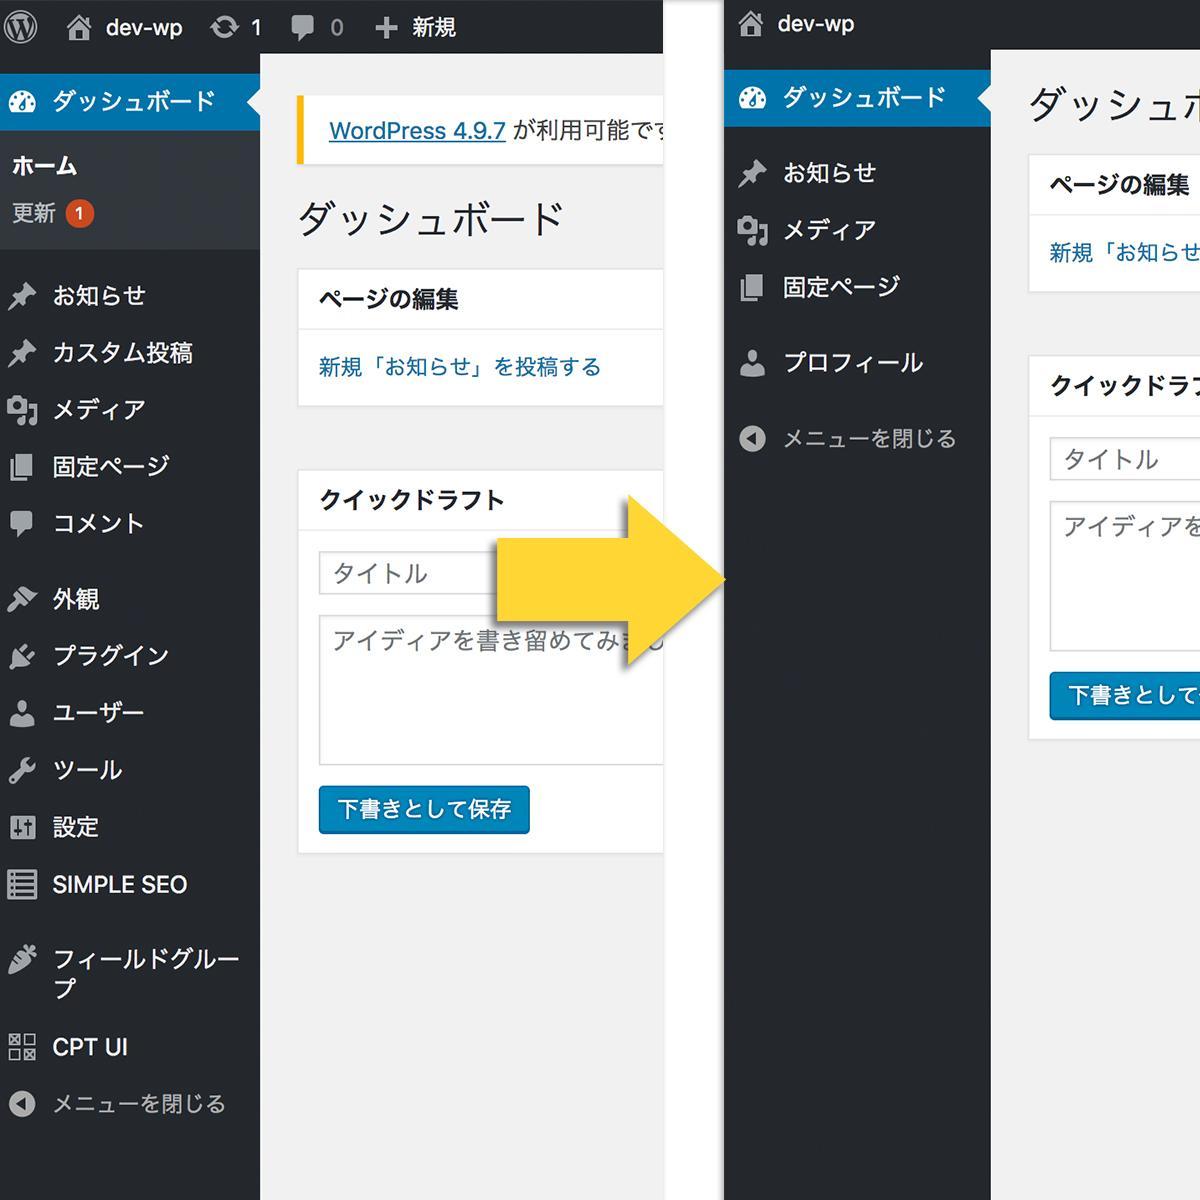 WordPressをサクッとカスタマイズします 独自管理メニューの追加やカスマイズ性能の拡張がしたい方へ!